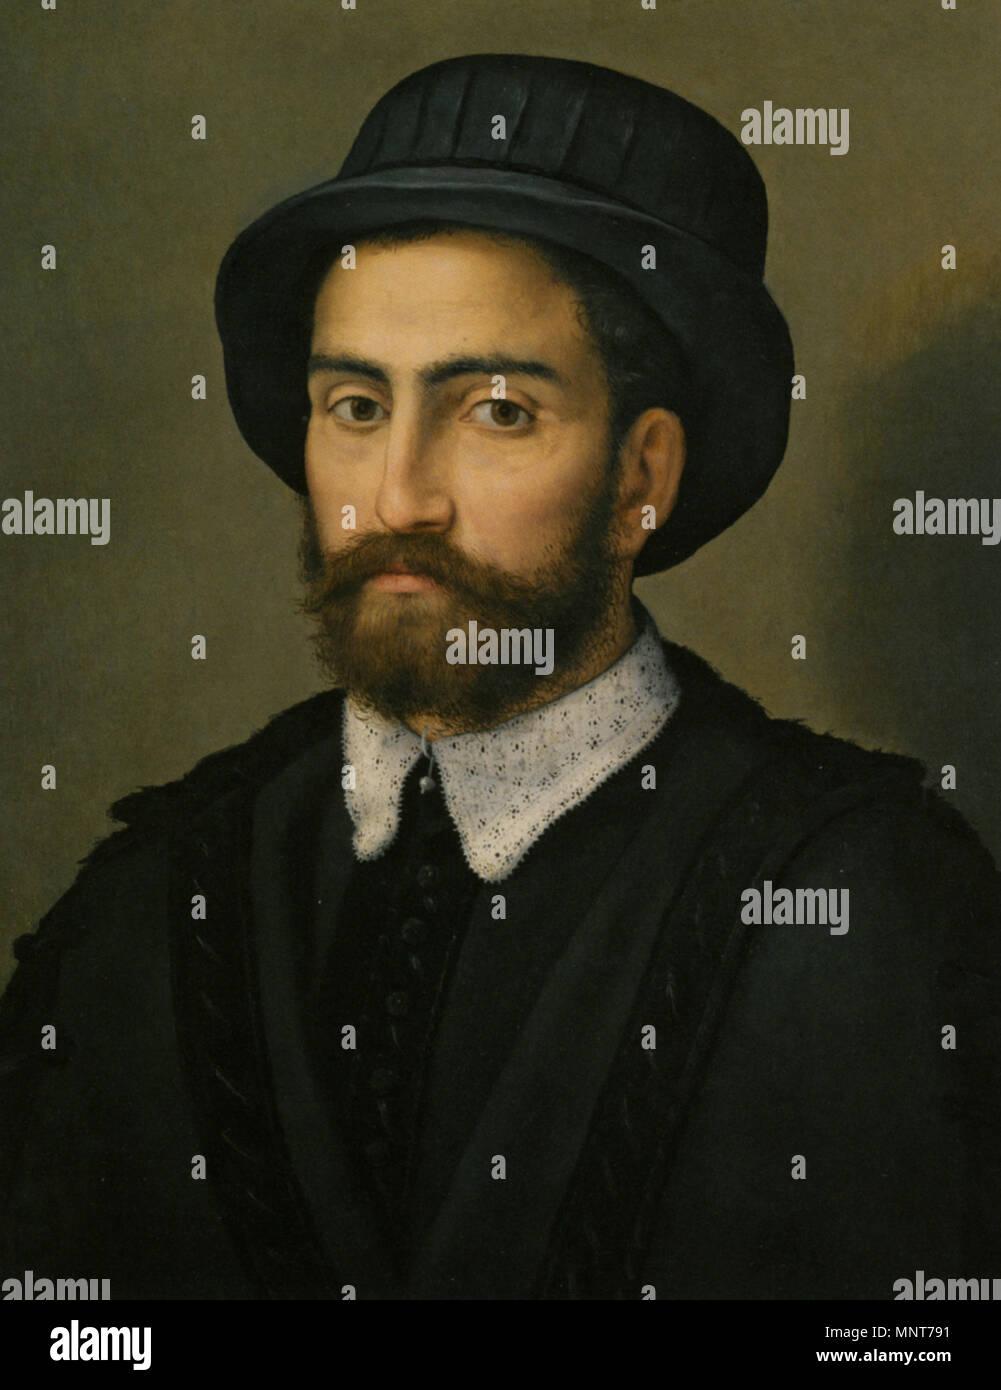 daae52bea4dd ritratto-di-un-uomo-busto-lunghezza-che-indossa-un-mantello-nero-e-cappello- del-xvi-secolo-985-pier-francesco-foschi-ritratto-di-nazioni-unite-busto-uomo-  ...